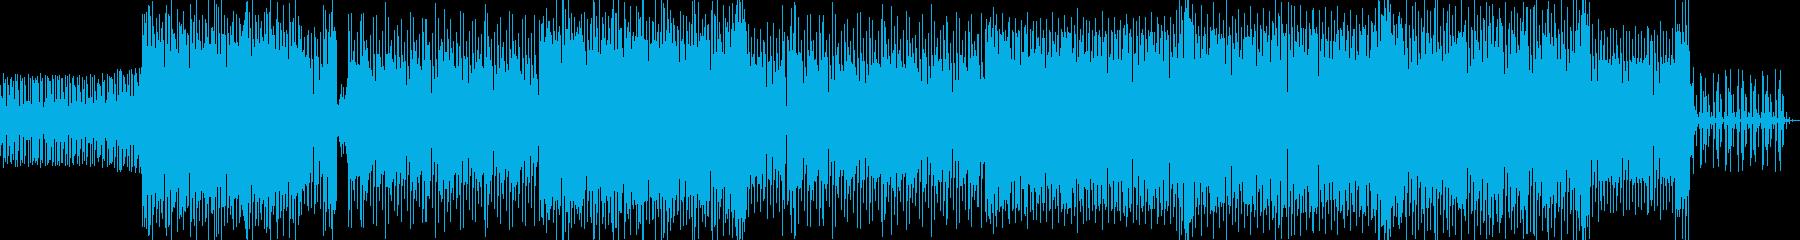 わずかに調和のとれた緊張は、サスペ...の再生済みの波形